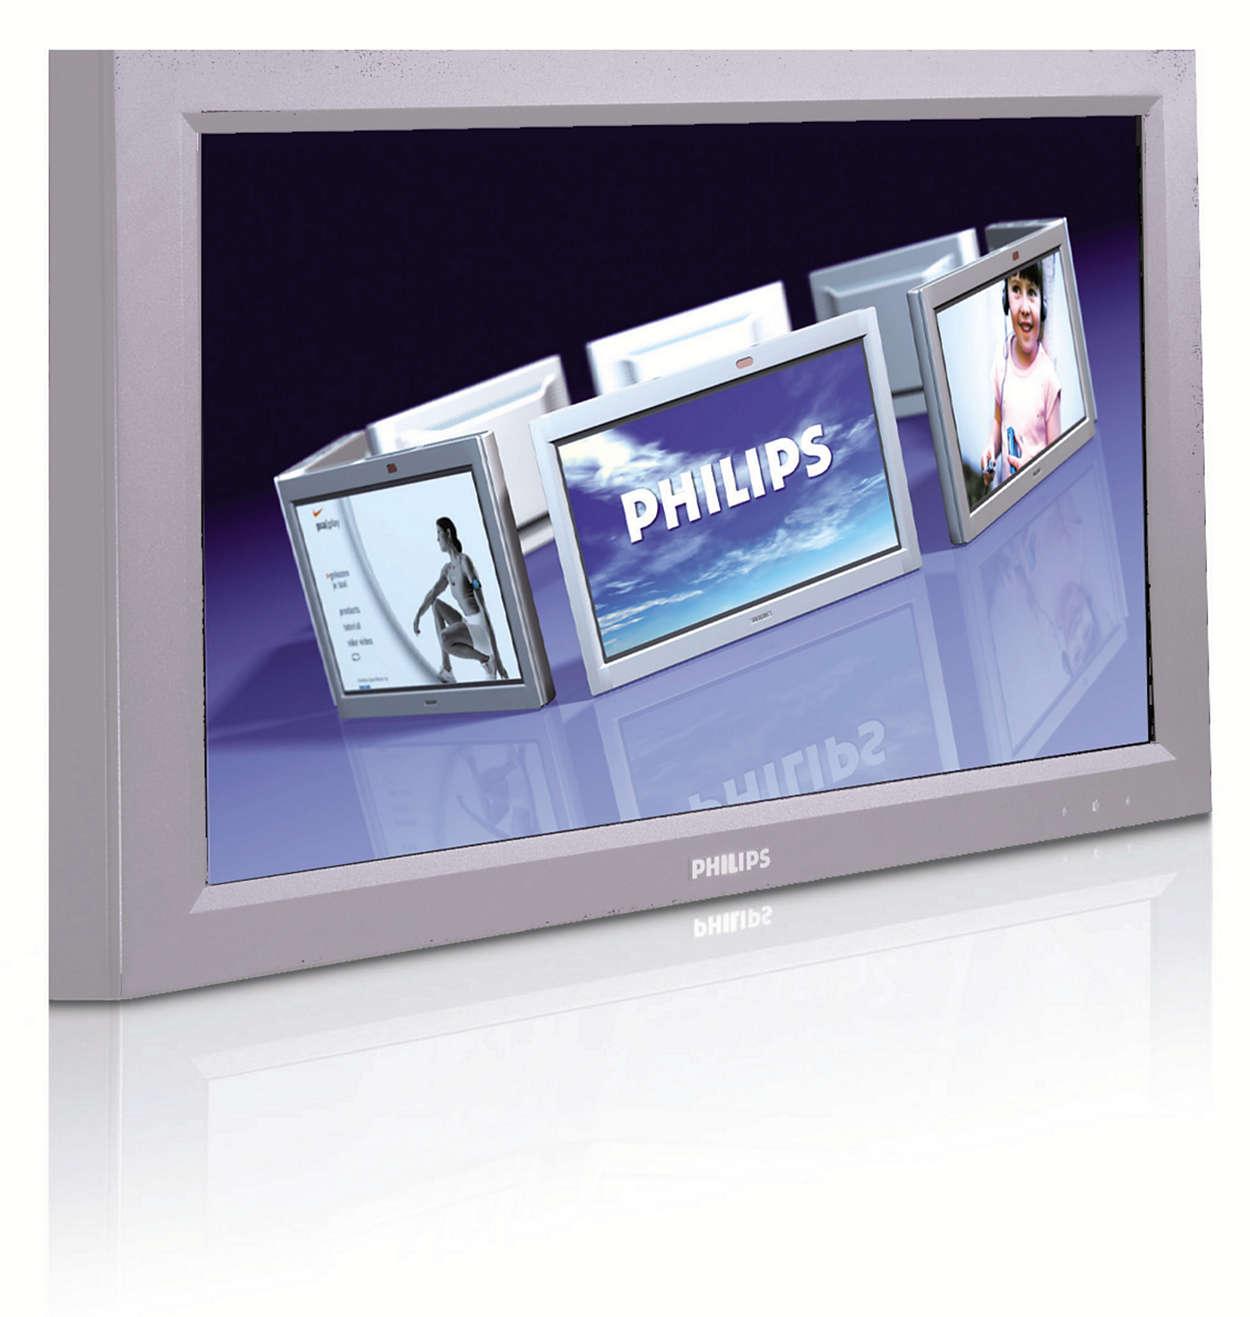 Excelente y robusta solución de pantalla pública de gama alta